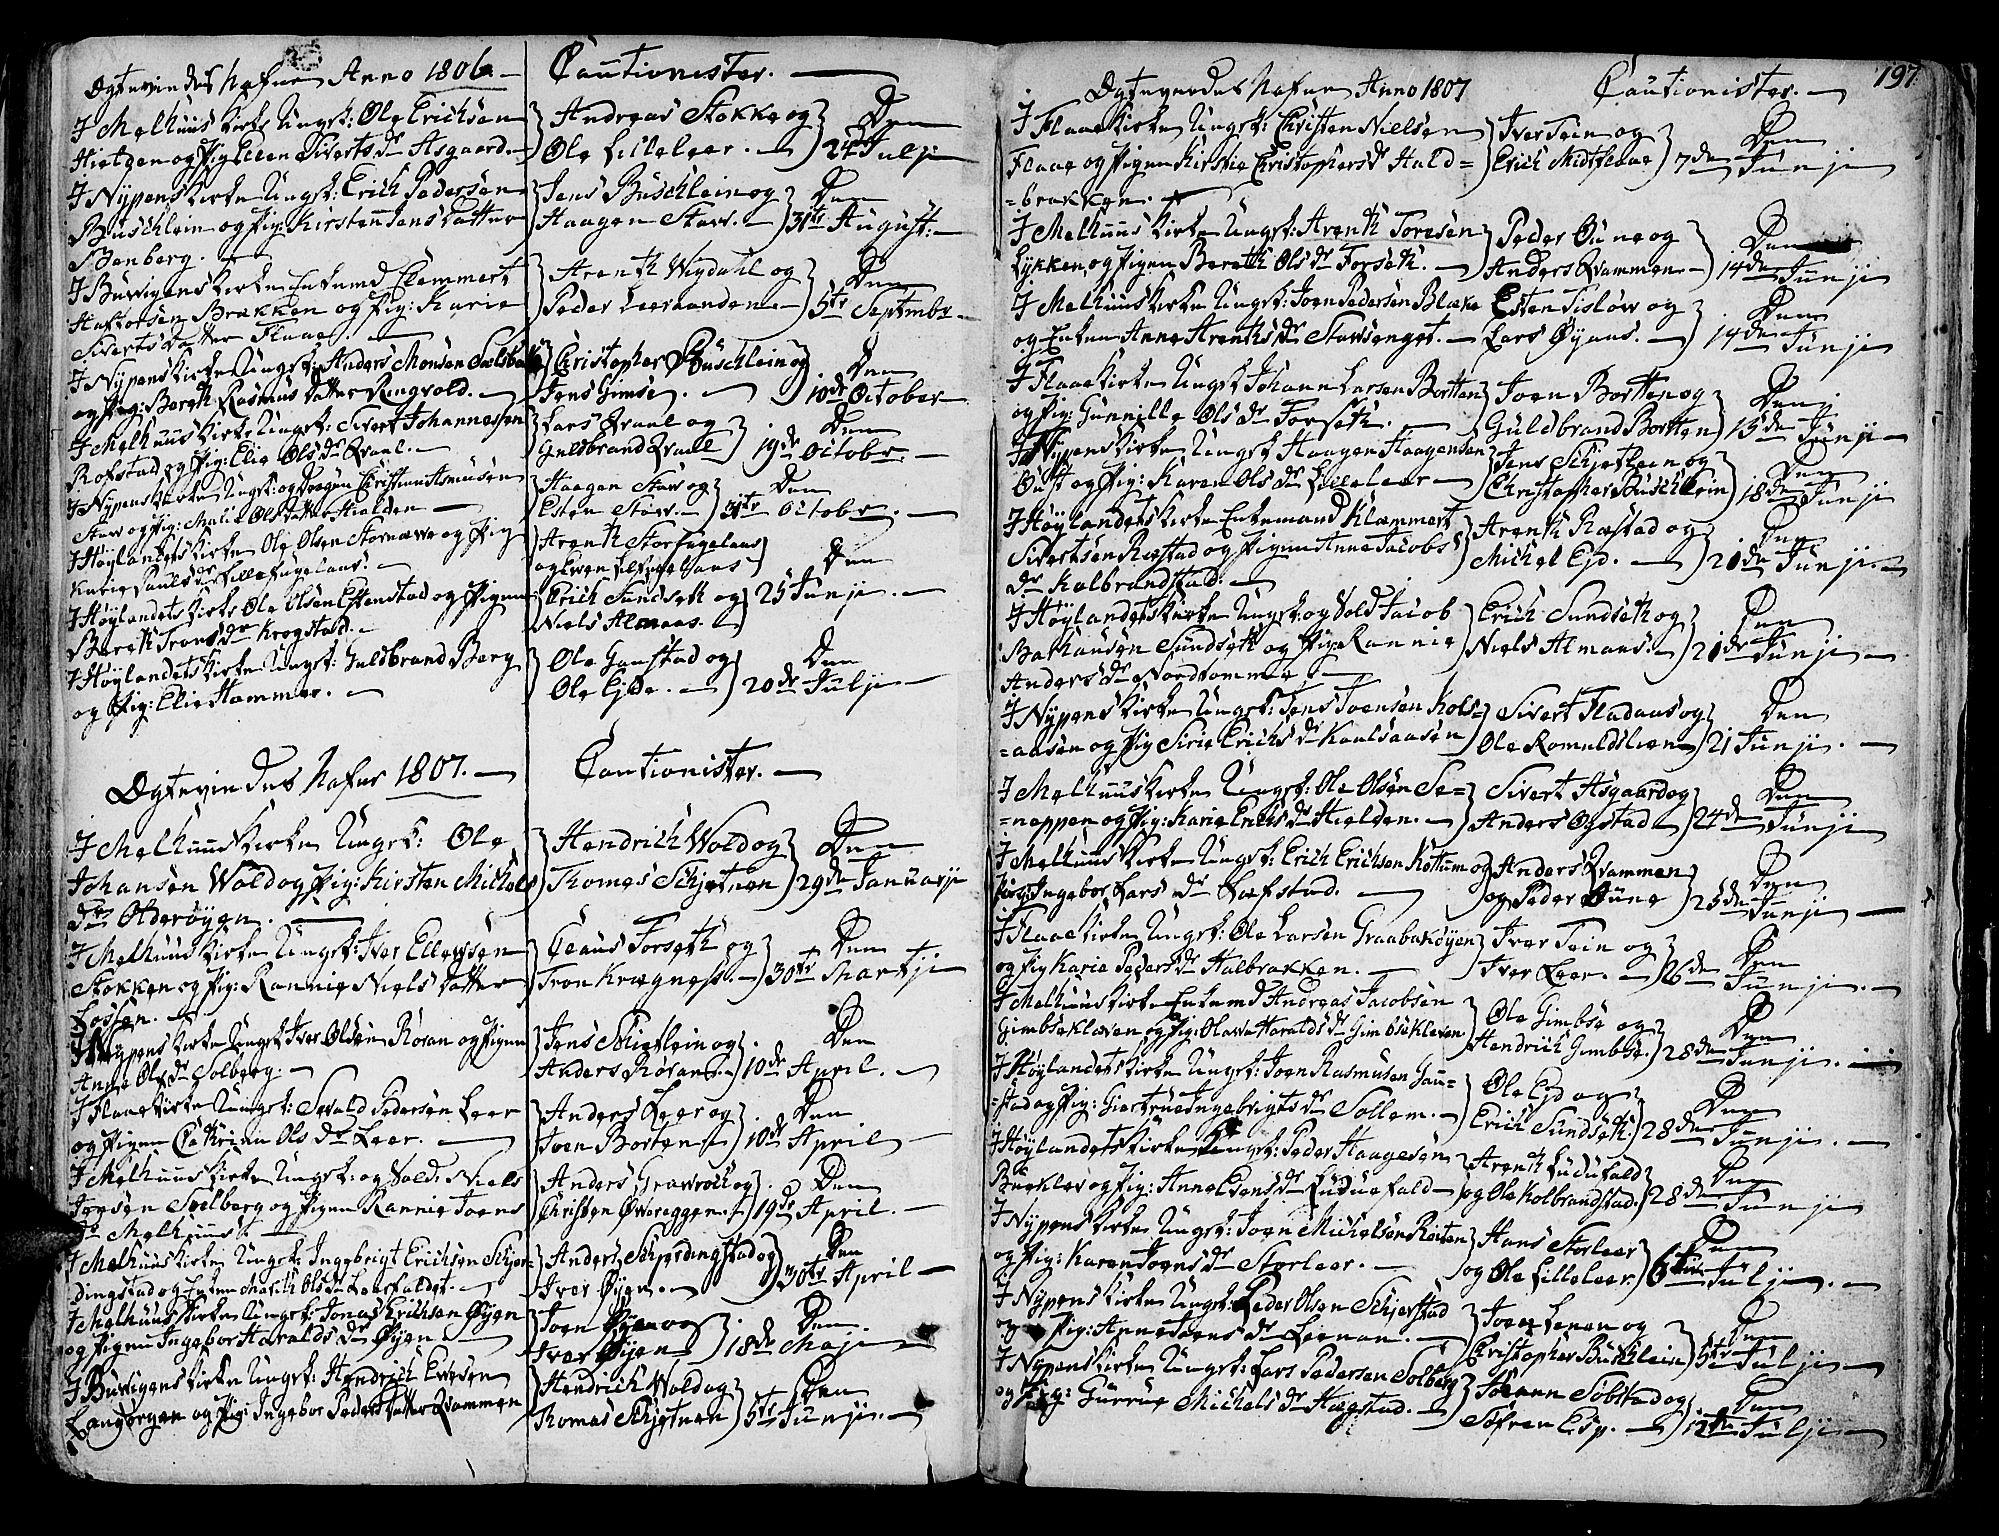 SAT, Ministerialprotokoller, klokkerbøker og fødselsregistre - Sør-Trøndelag, 691/L1061: Ministerialbok nr. 691A02 /1, 1768-1815, s. 197